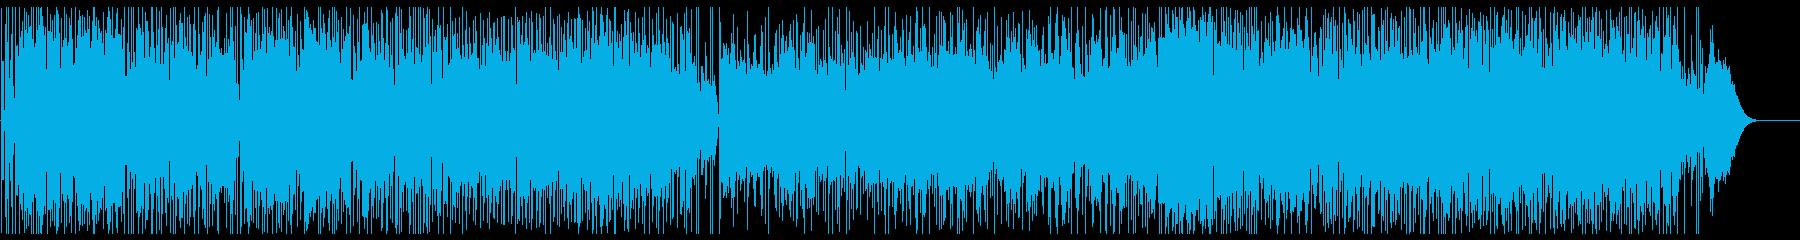 チェロメインのレトロポップスの再生済みの波形